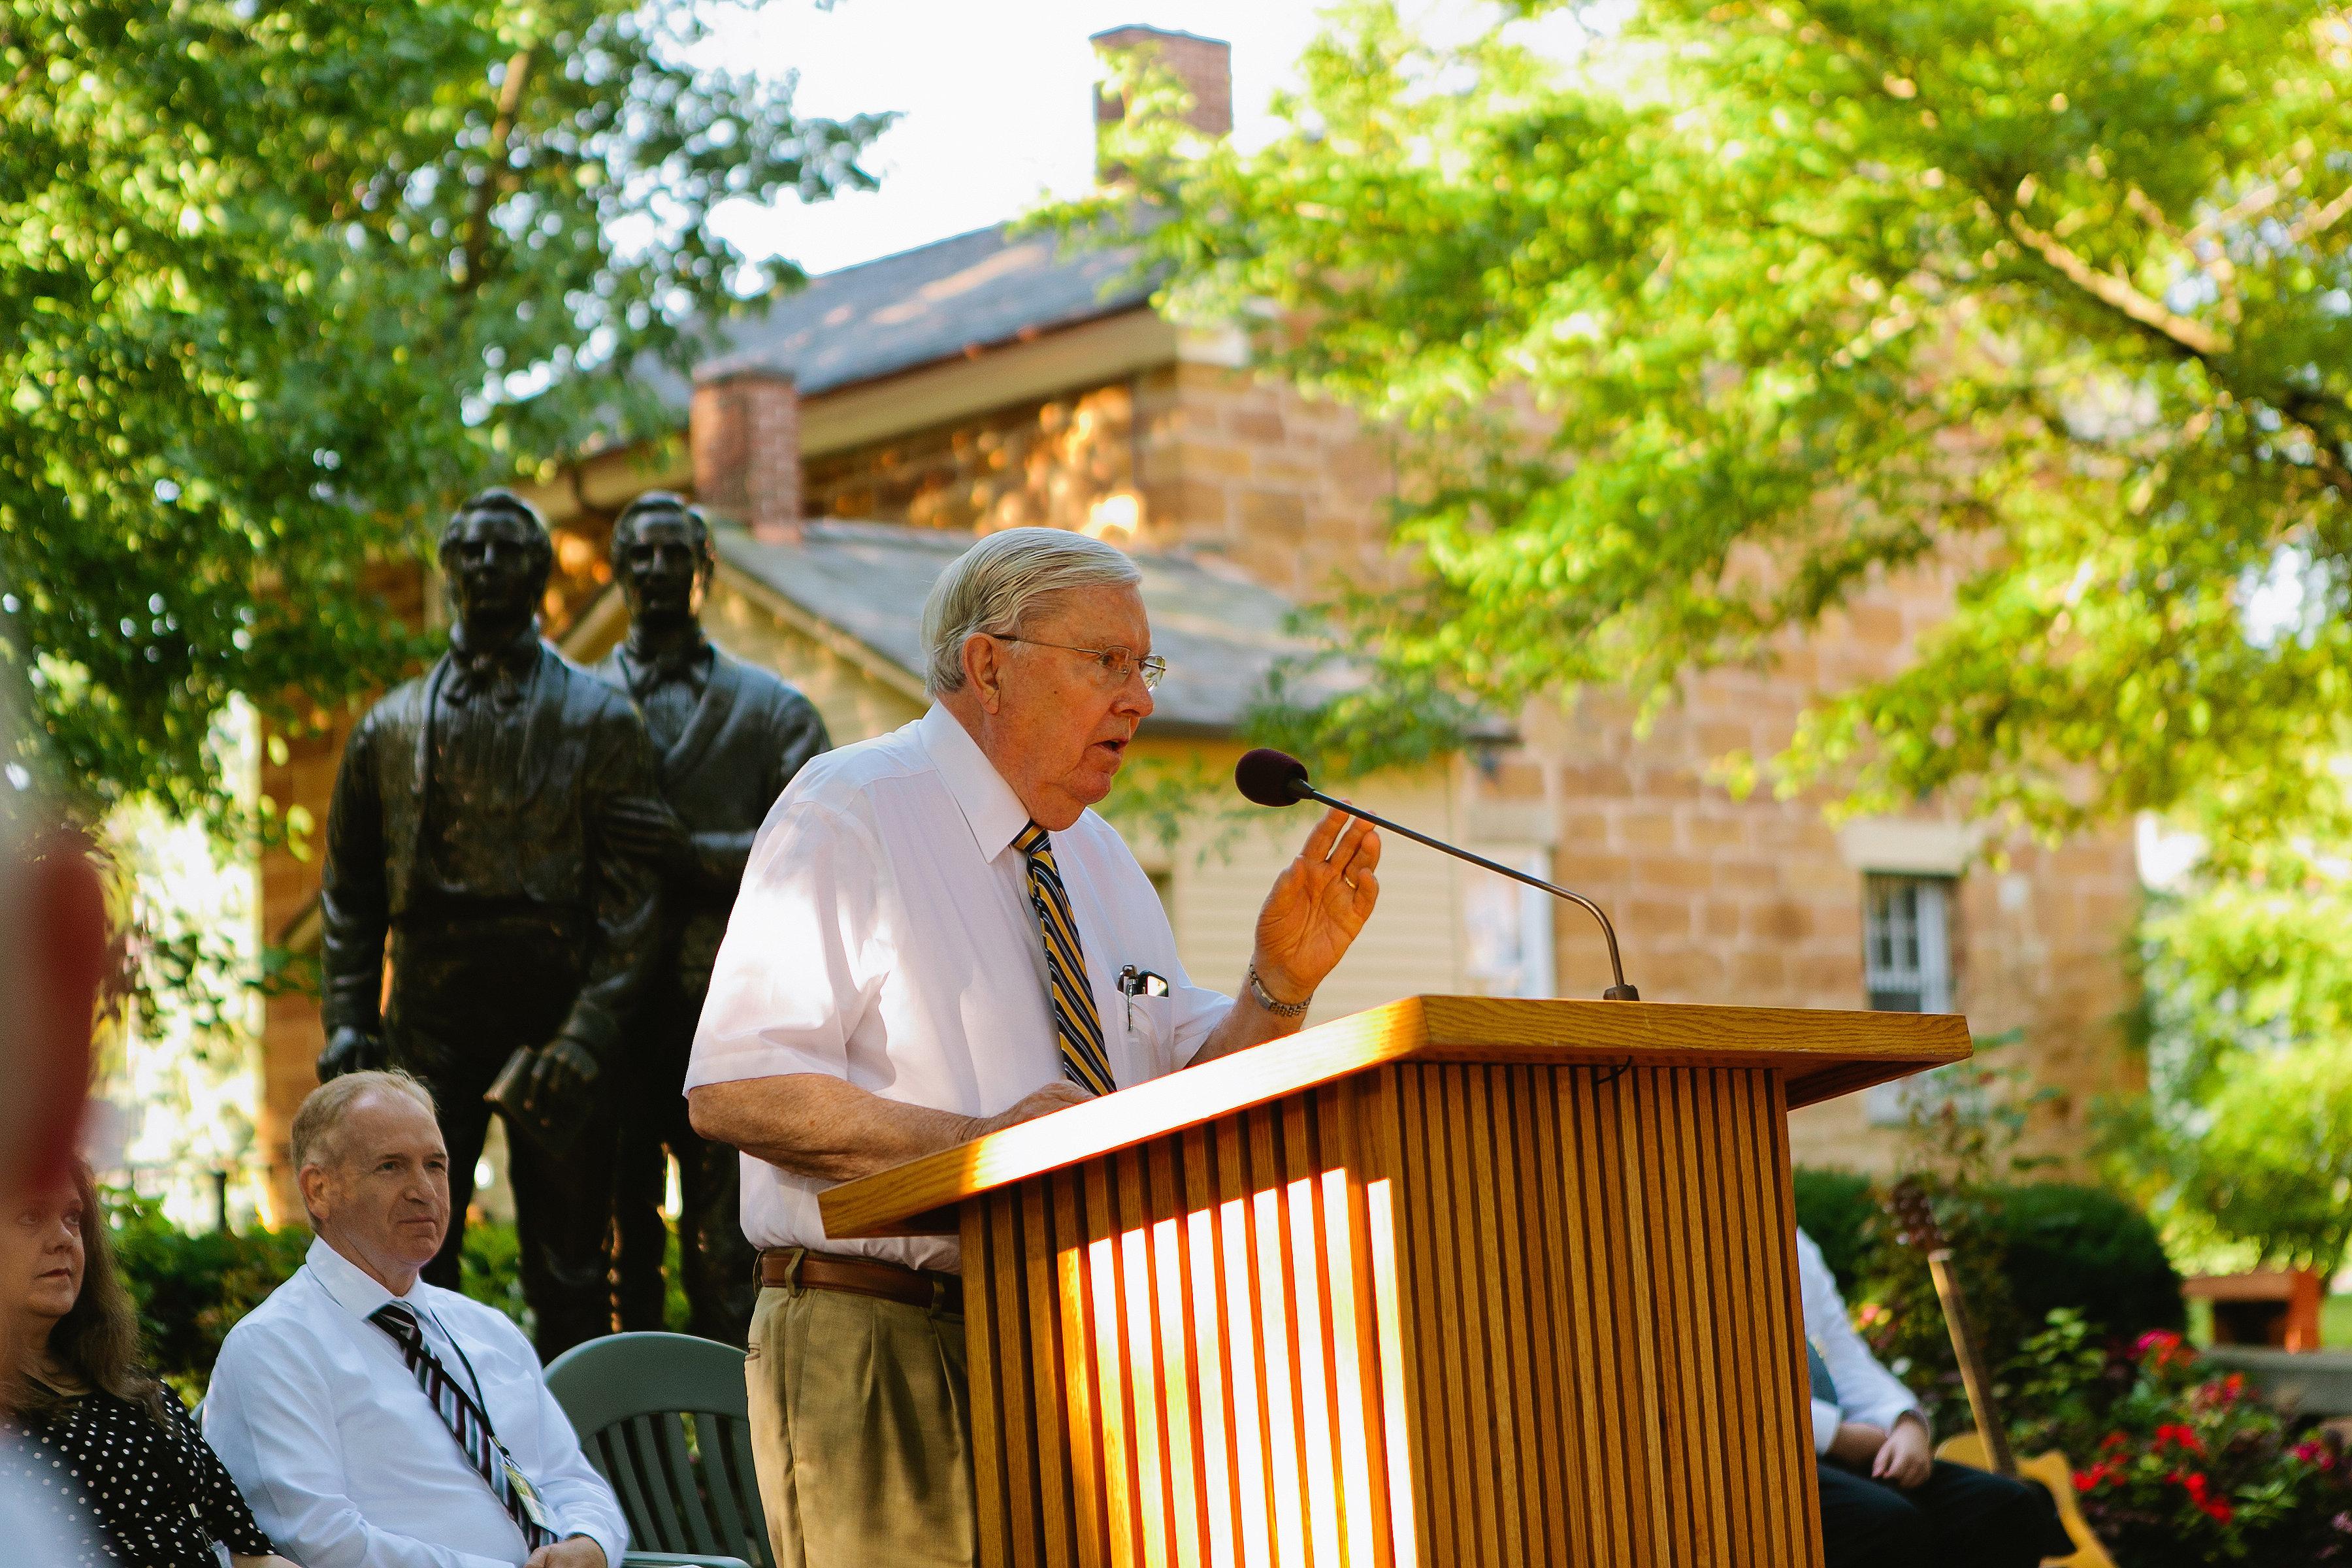 El élder M. Russell Ballard discursa en un devocional que se lleva a cabo afuera de la cárcel de Carthage el 5 de ago. El devocional conmemoró el aniversario número 25 de la dedicación del cementerio de la familia Smith.